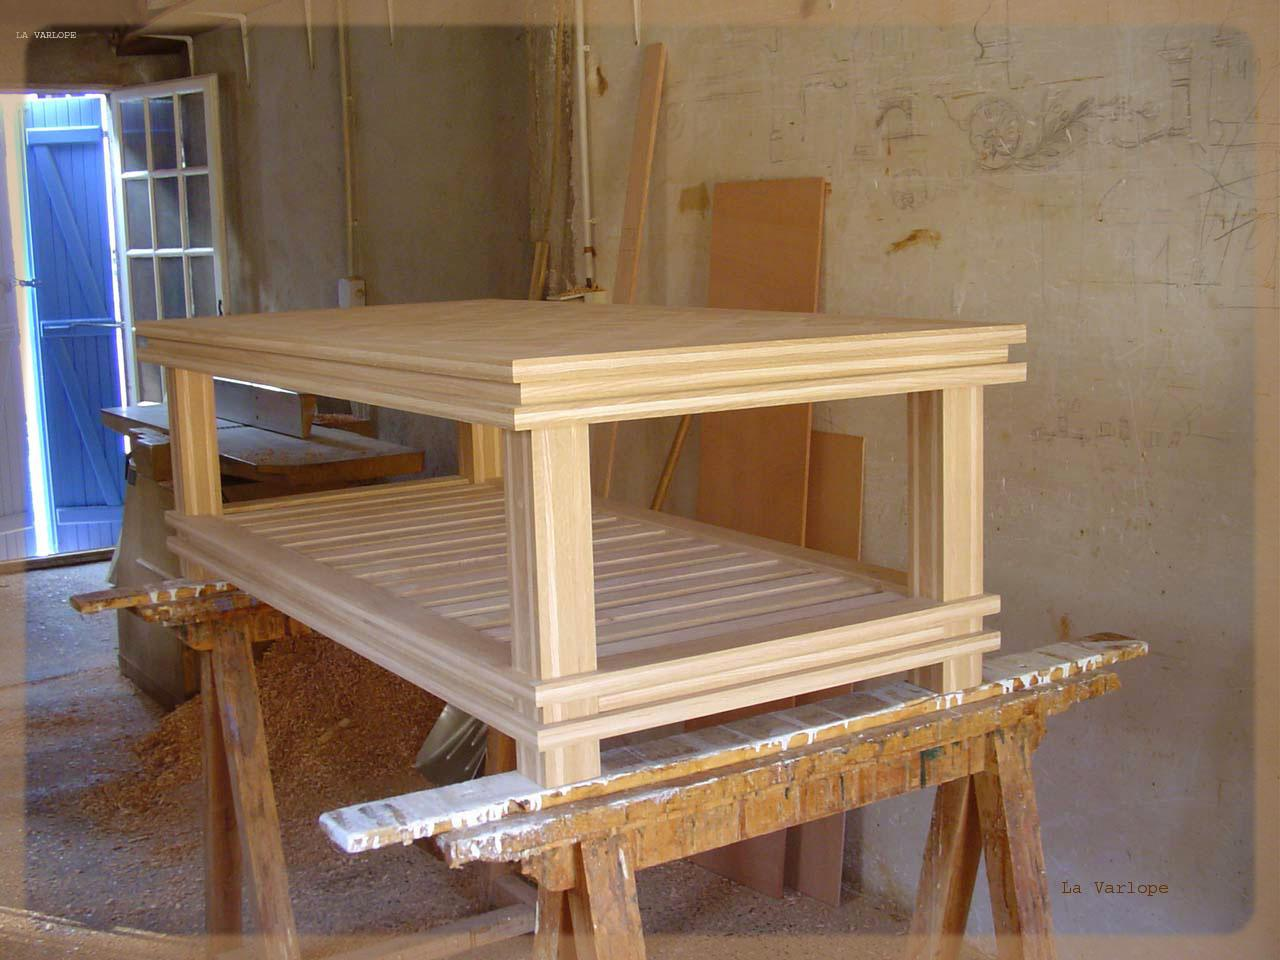 fabriquer une table de salon en carton id e inspirante pour la conception de la. Black Bedroom Furniture Sets. Home Design Ideas